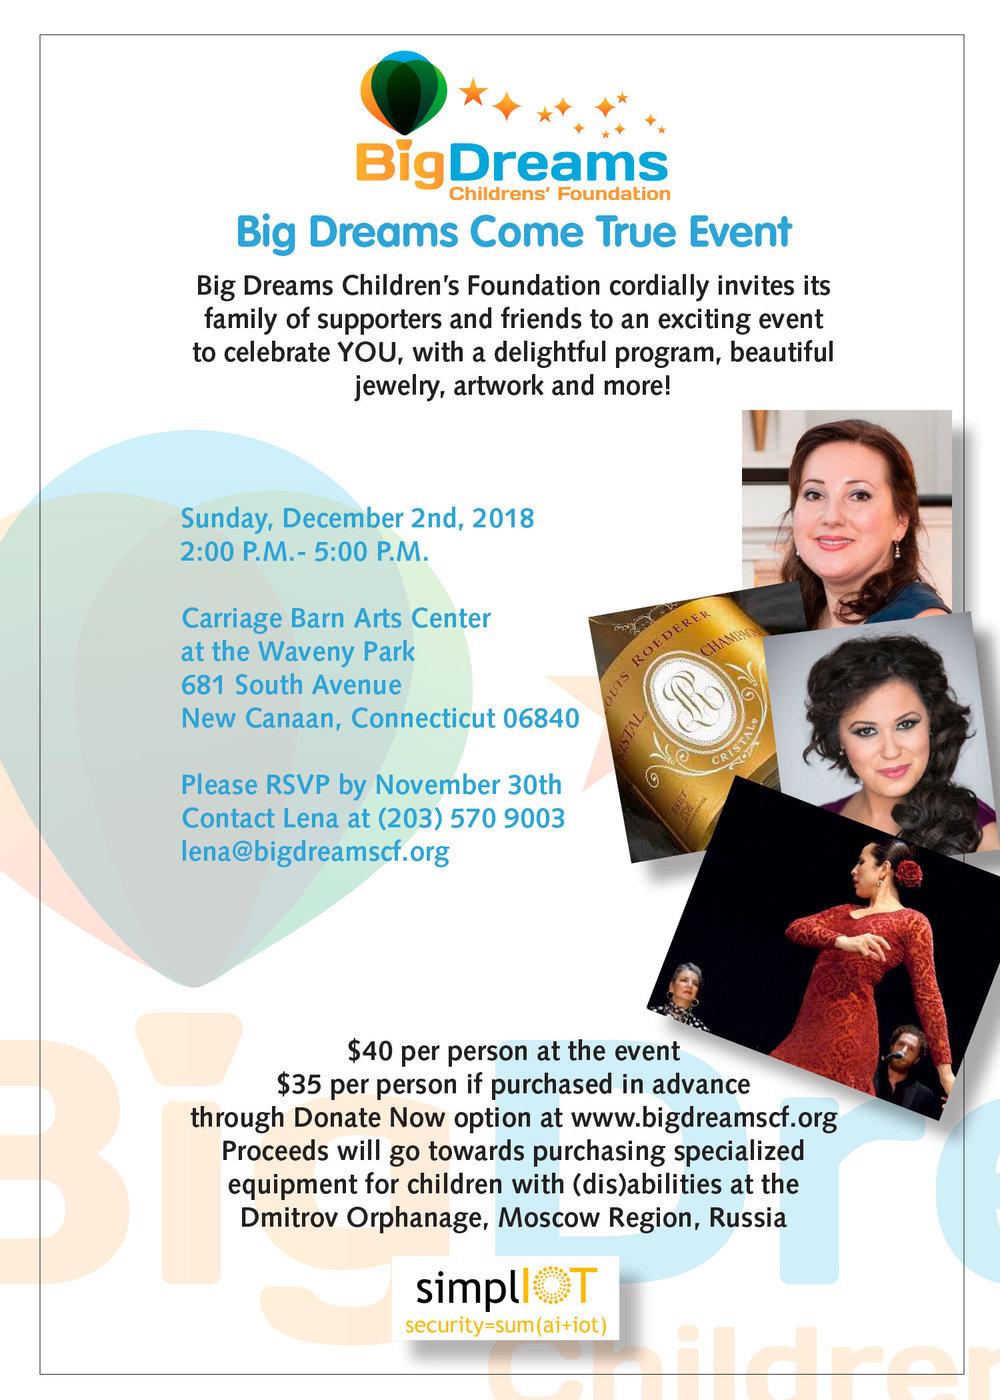 WO#58205_BigDreams_invite_V4.jpg